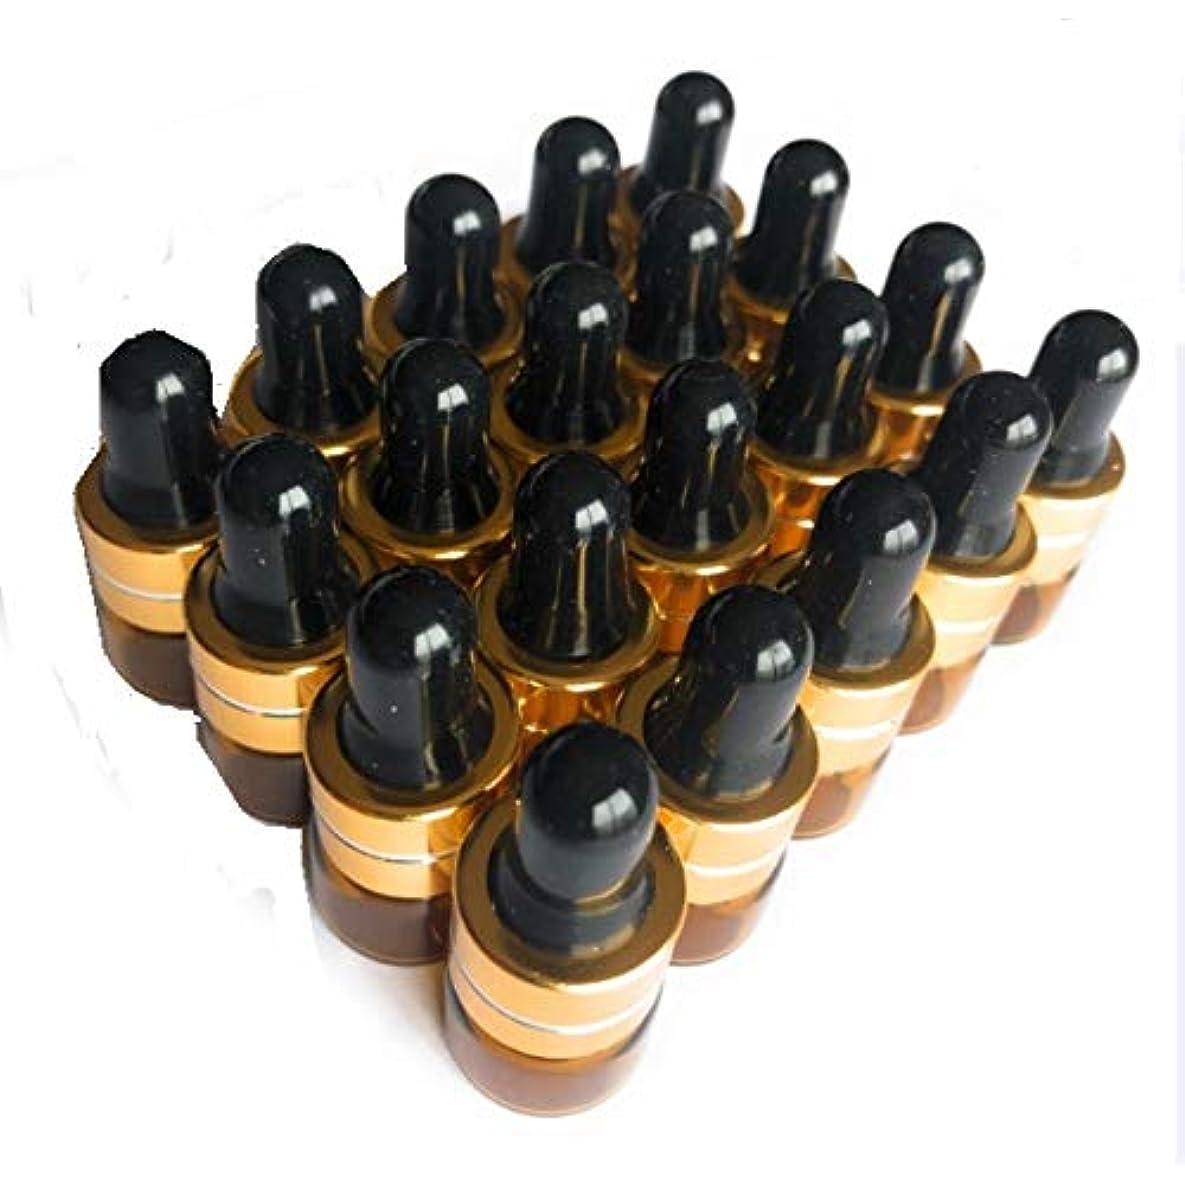 評議会勤勉なゆりかごits 遮光瓶 アロマオイル 精油 小分け用 ガラス製 保存容器 茶色 (20本 セット 1ml)